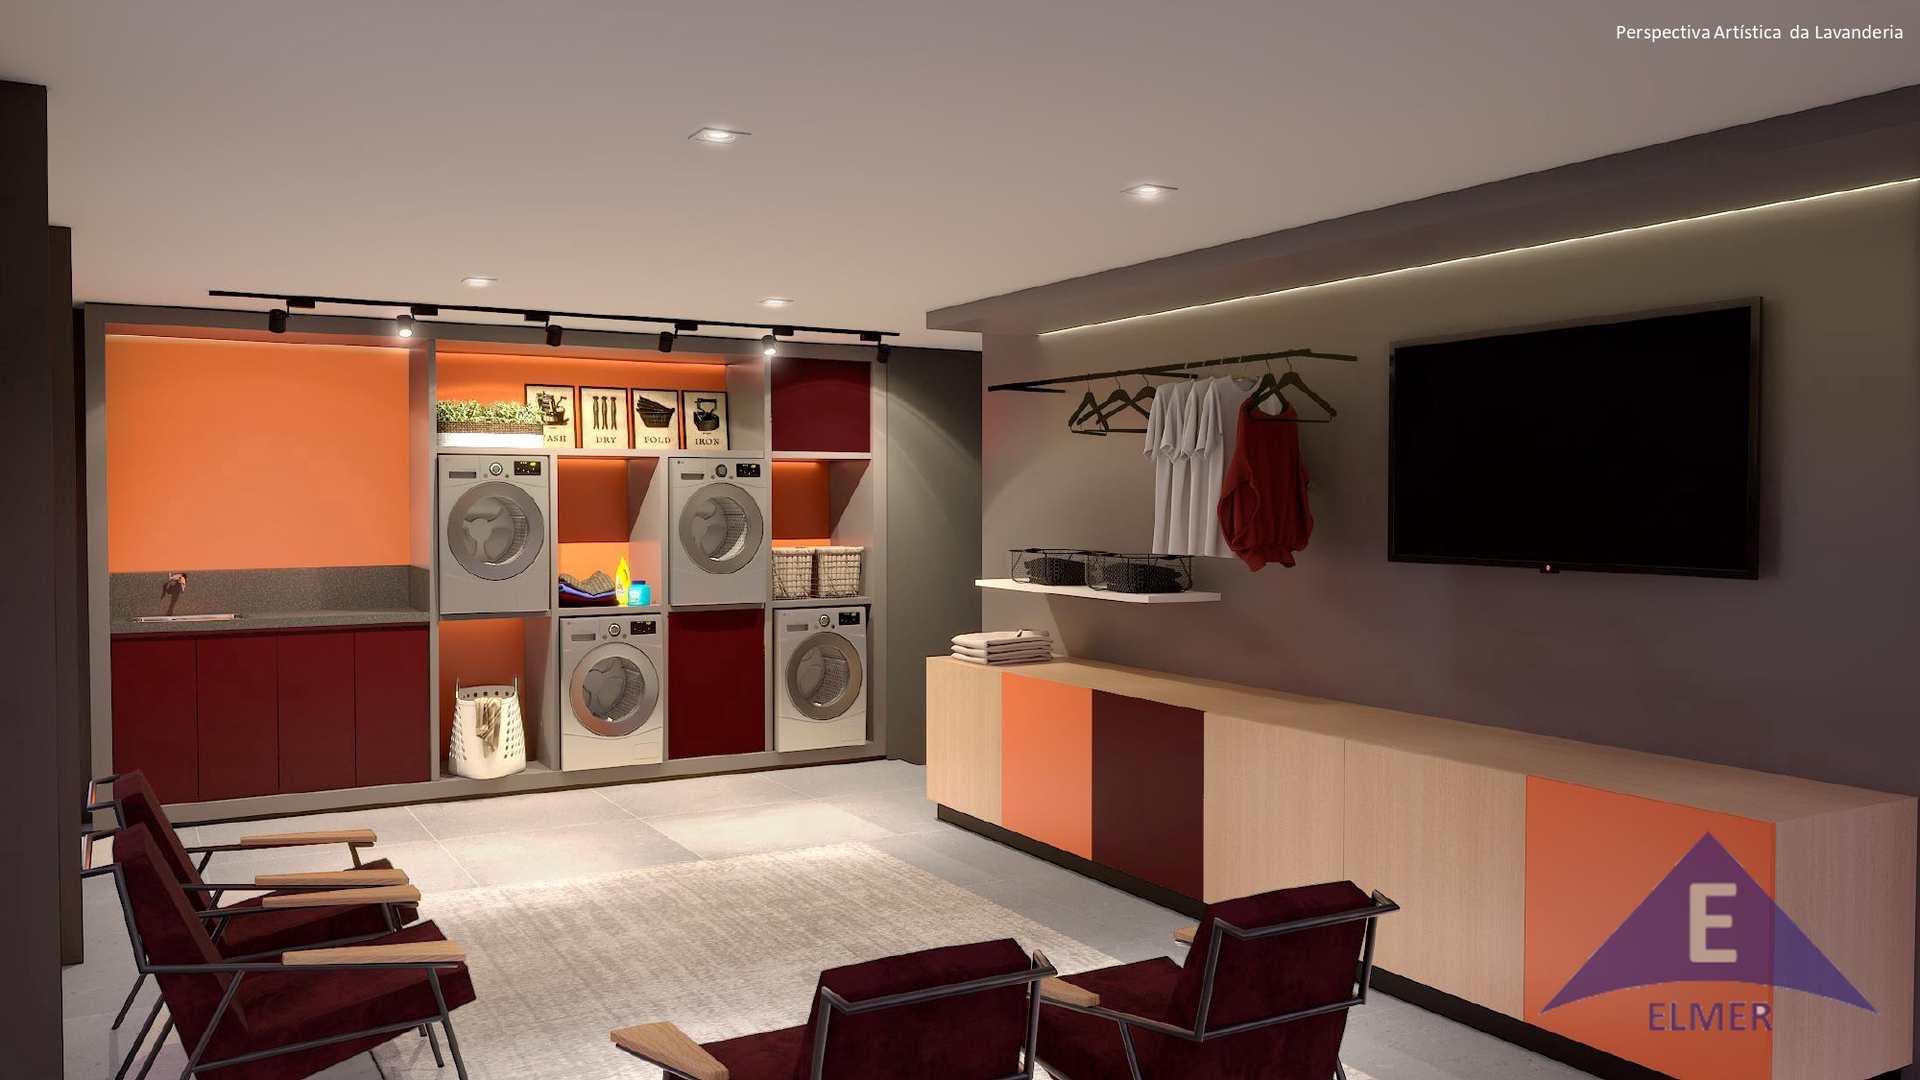 VA 433 Perdizes - Apto 38 m² - 2 dorm - Cod: 257